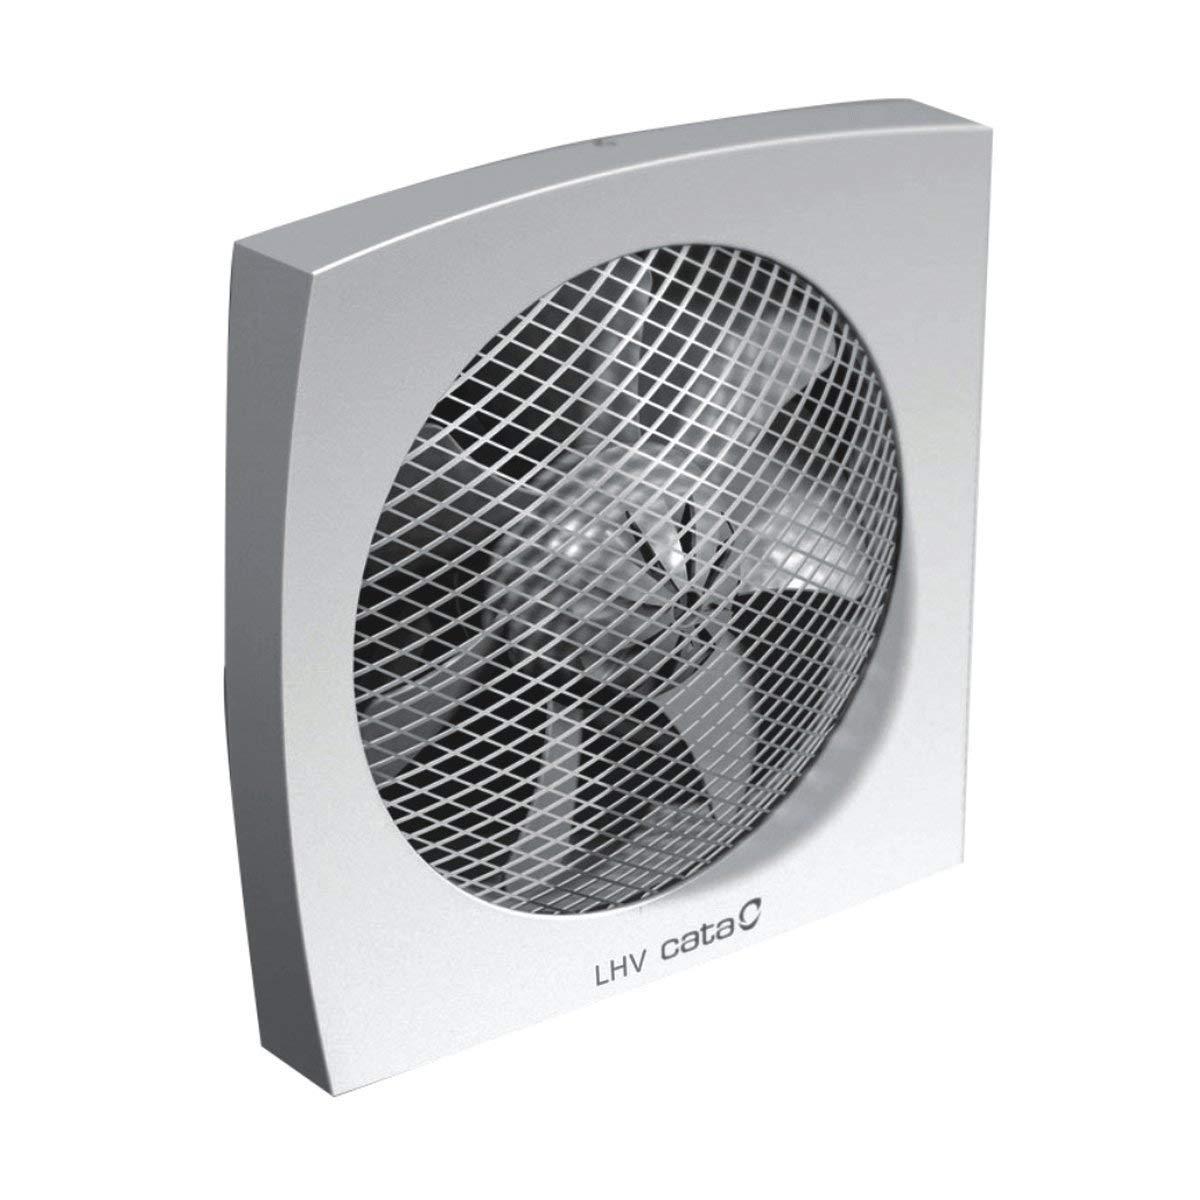 Cata Exhaust Fan Tech All In One